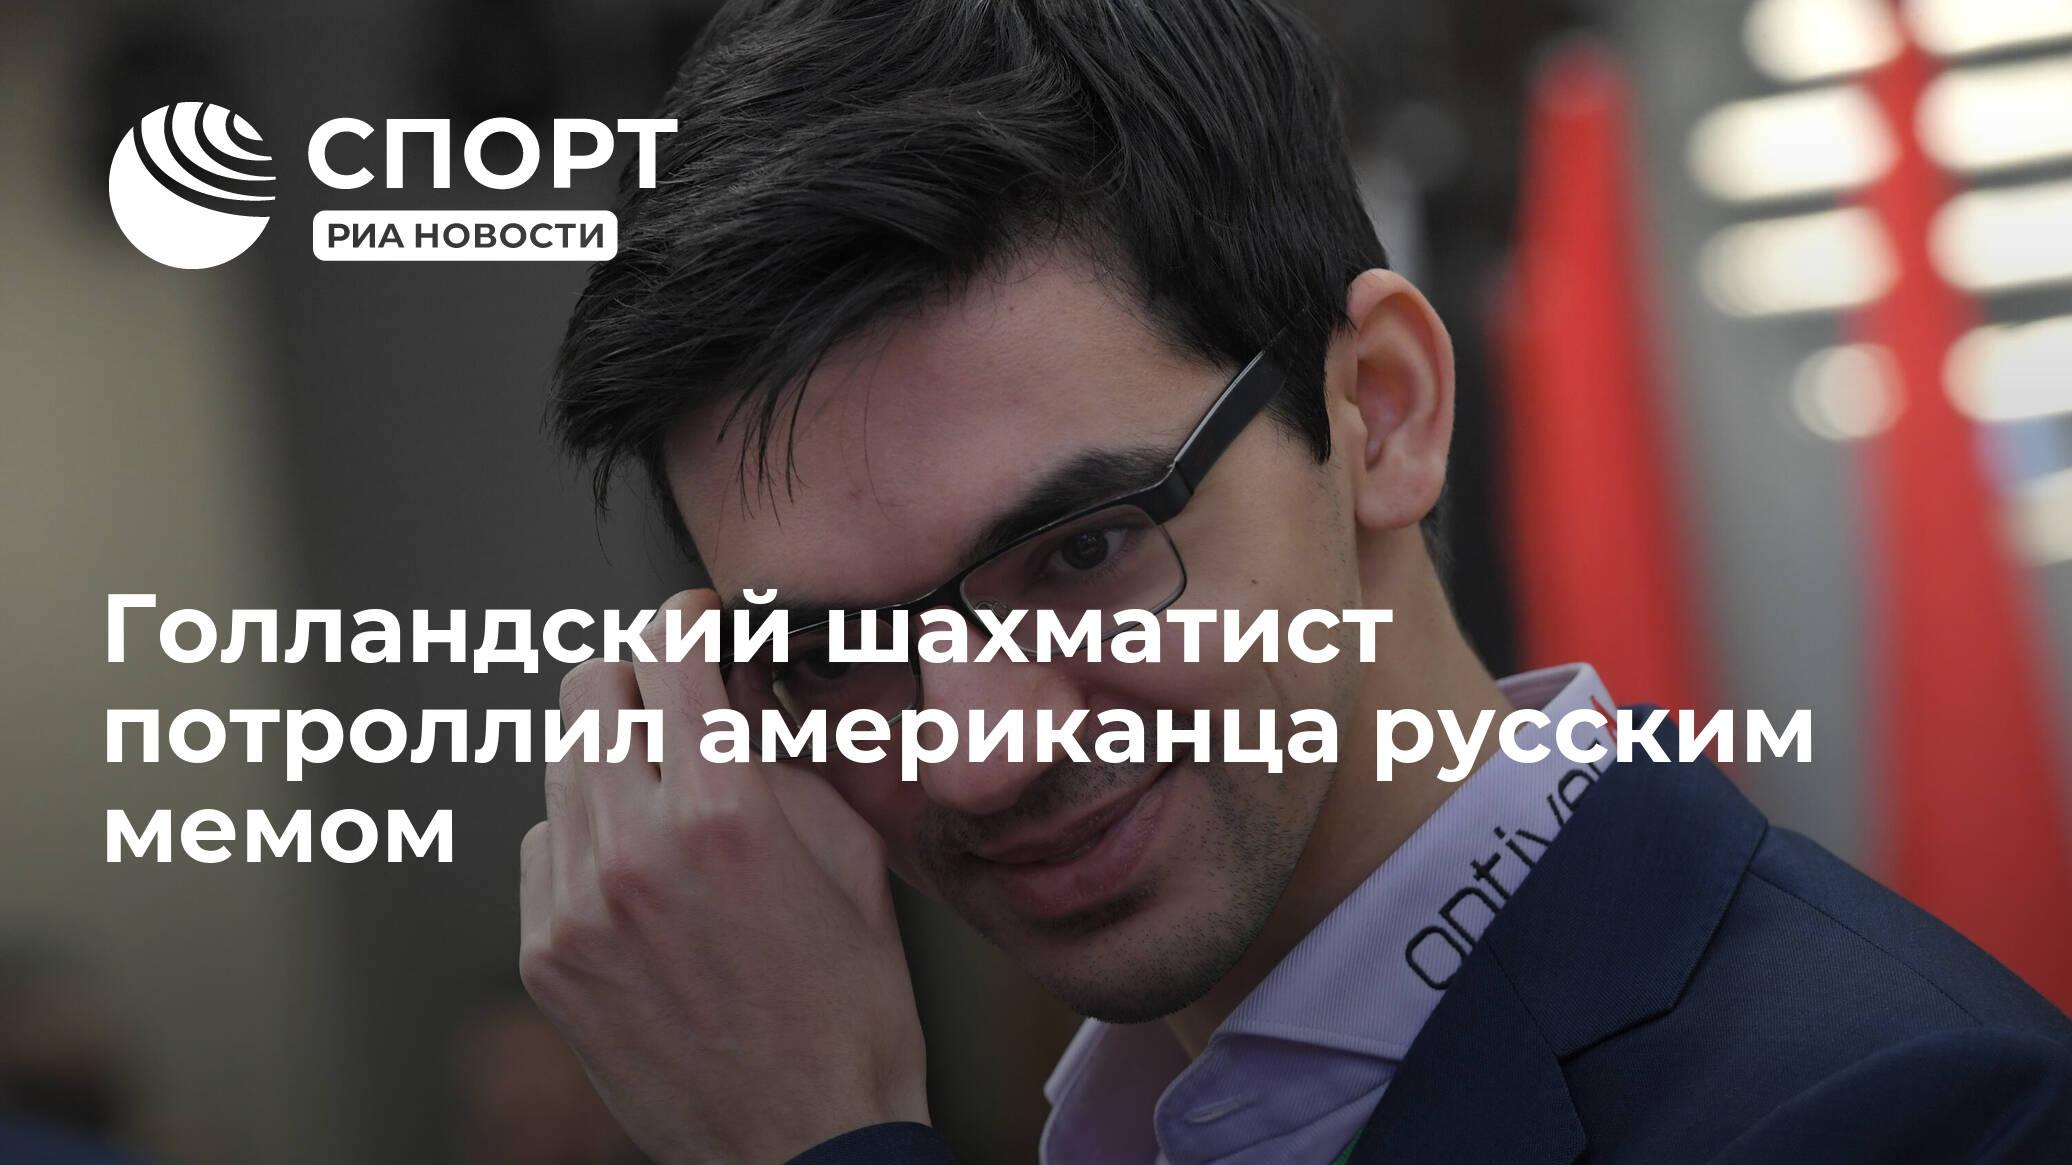 Голландский шахматист потроллил американца русским мемом